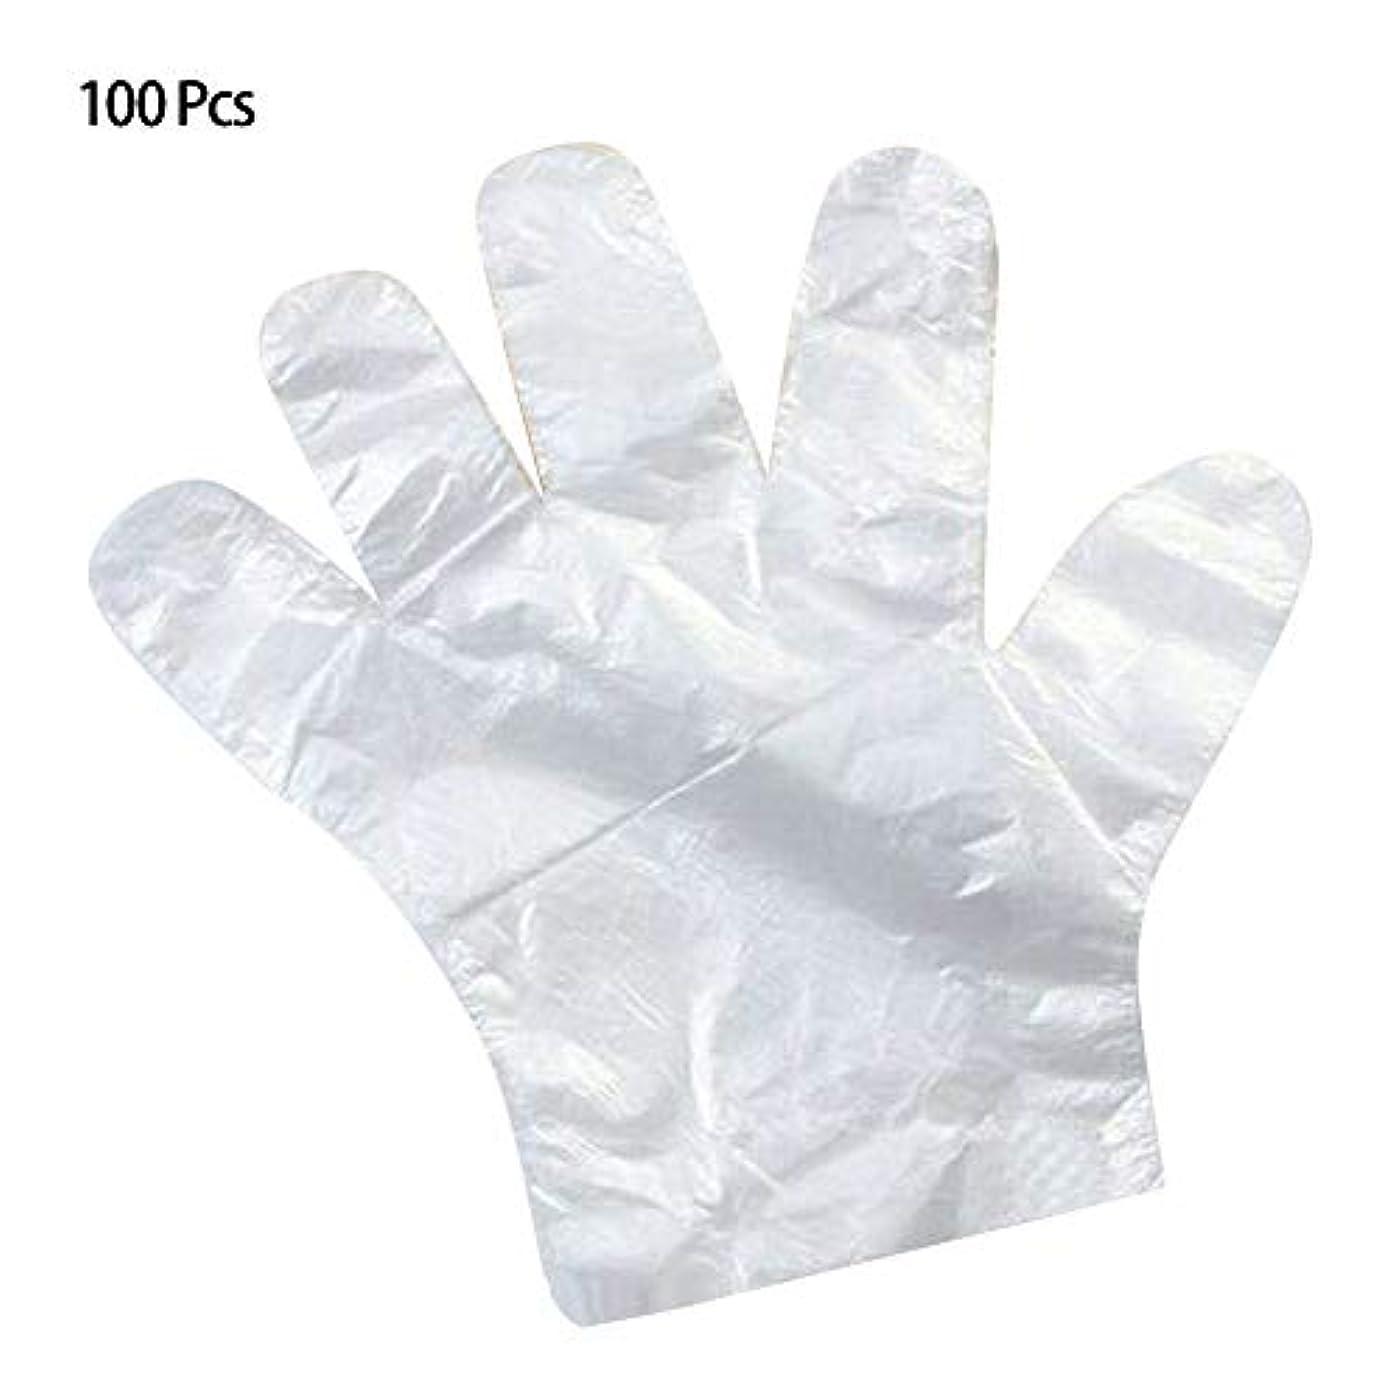 ラジウムニコチン固体LITI 使い捨て手袋 極薄ビニール手袋 透明 実用 衛生 極薄手袋 美容 調理 お掃除 毛染め 左右兼用 100枚